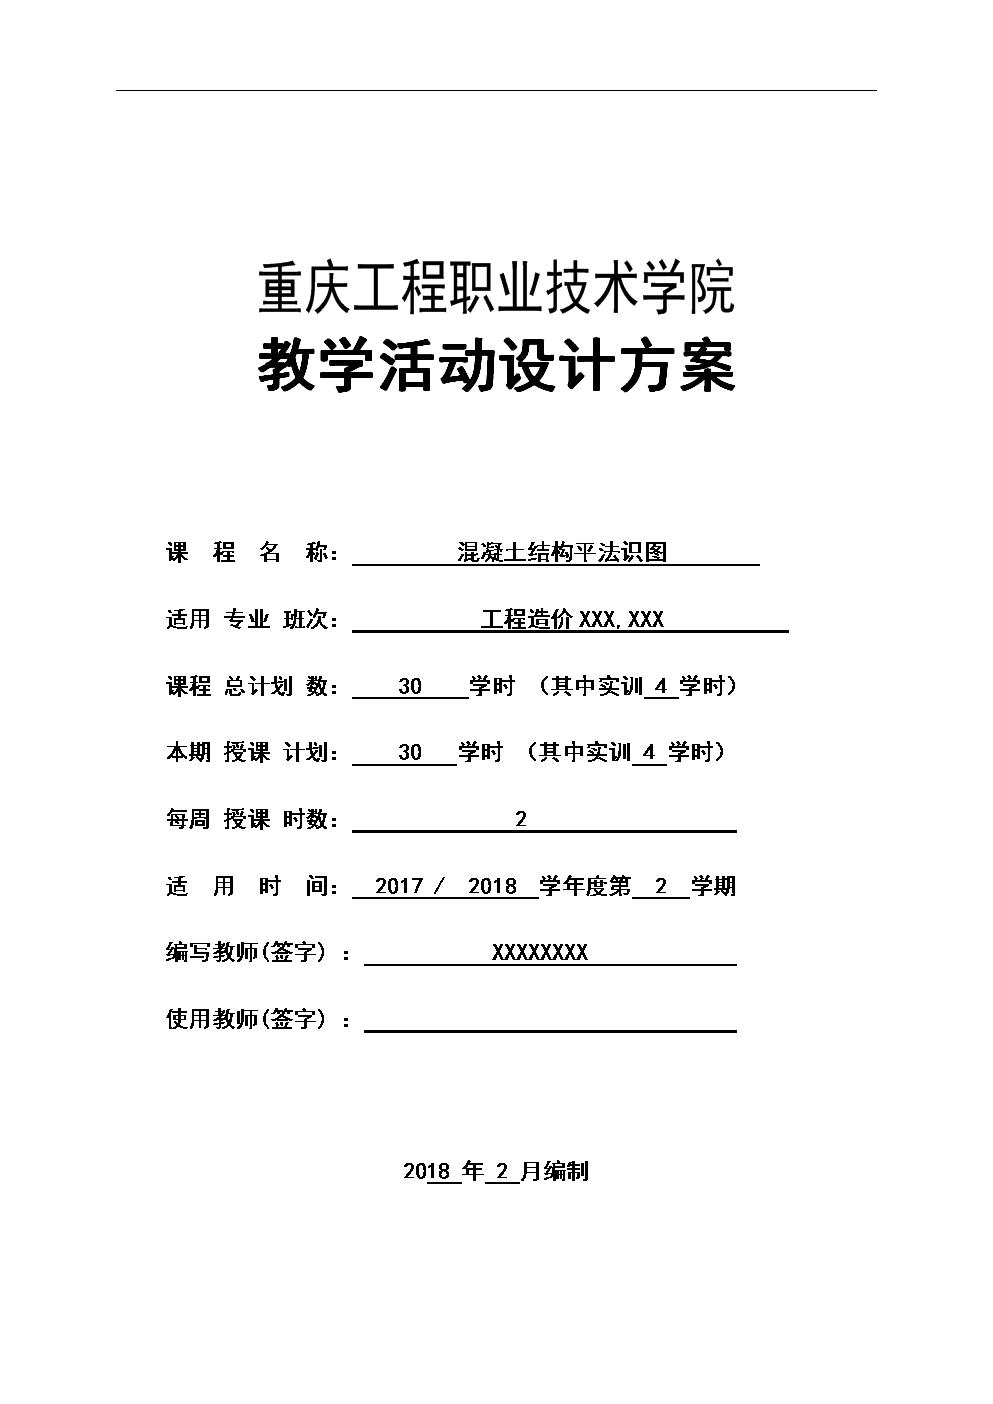 平法识图与钢筋算量 教学资源 混凝土结构平法识图教案.doc